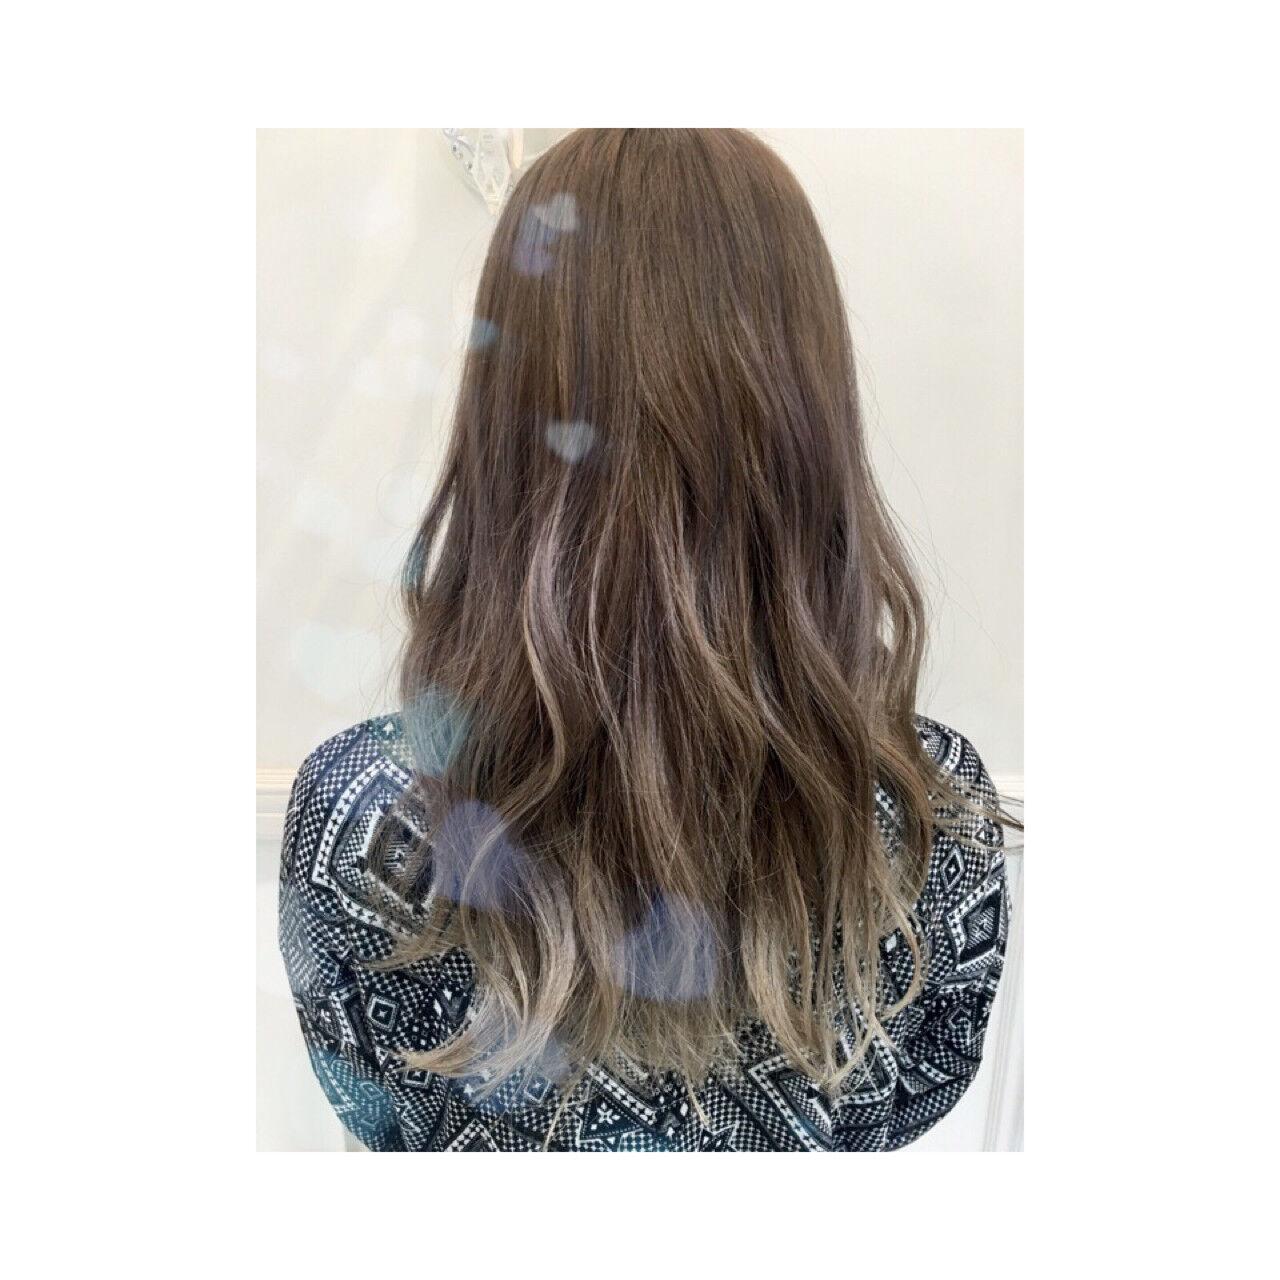 外国人風 イルミナカラー ストリート ブラウンヘアスタイルや髪型の写真・画像